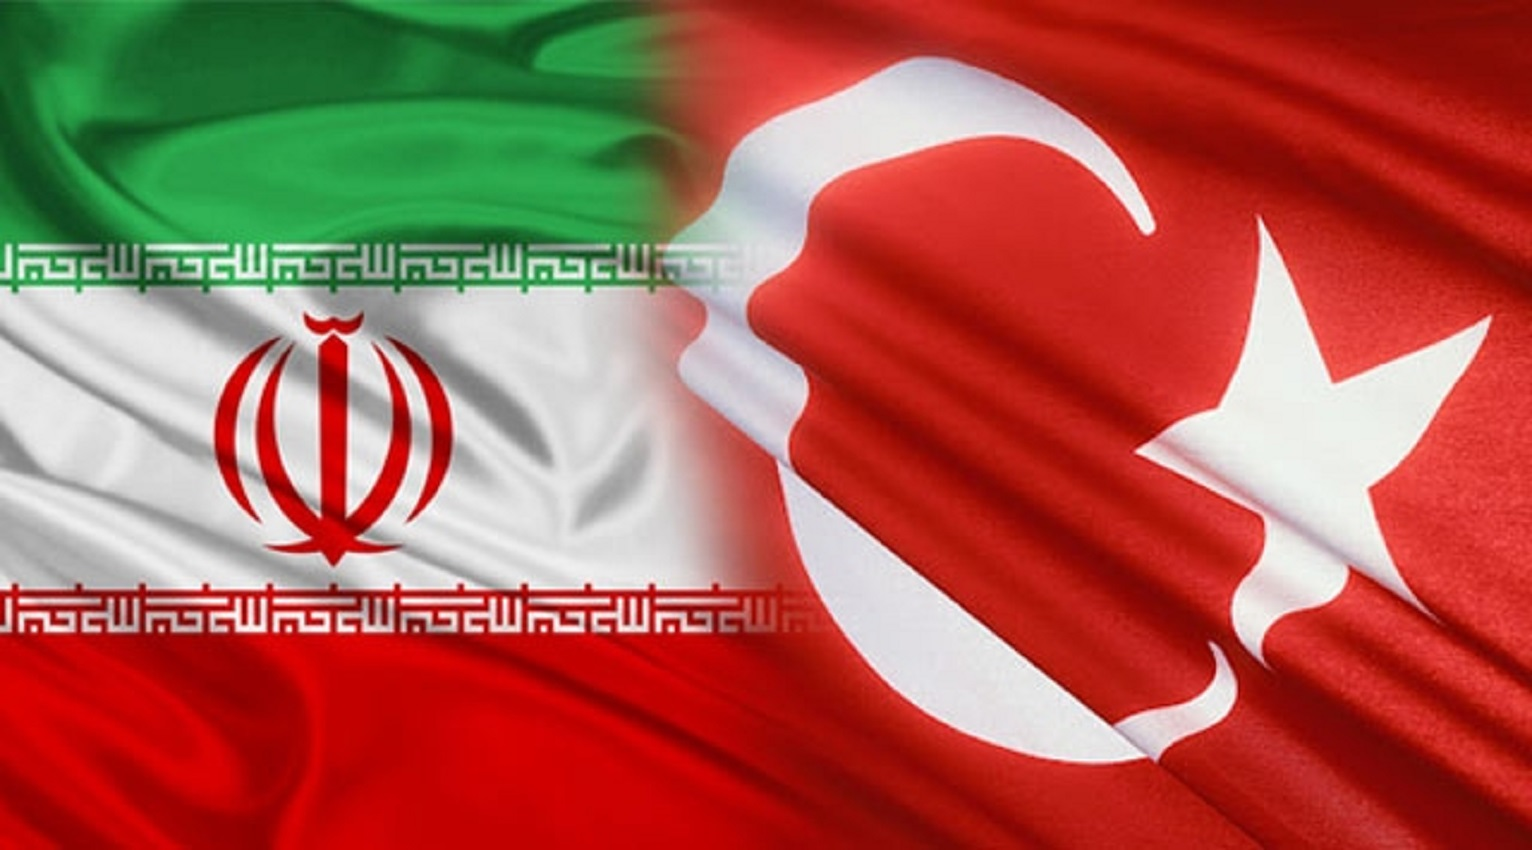 تأکید بر همکاری ایران و ترکیه در مبارزه با تروریسم